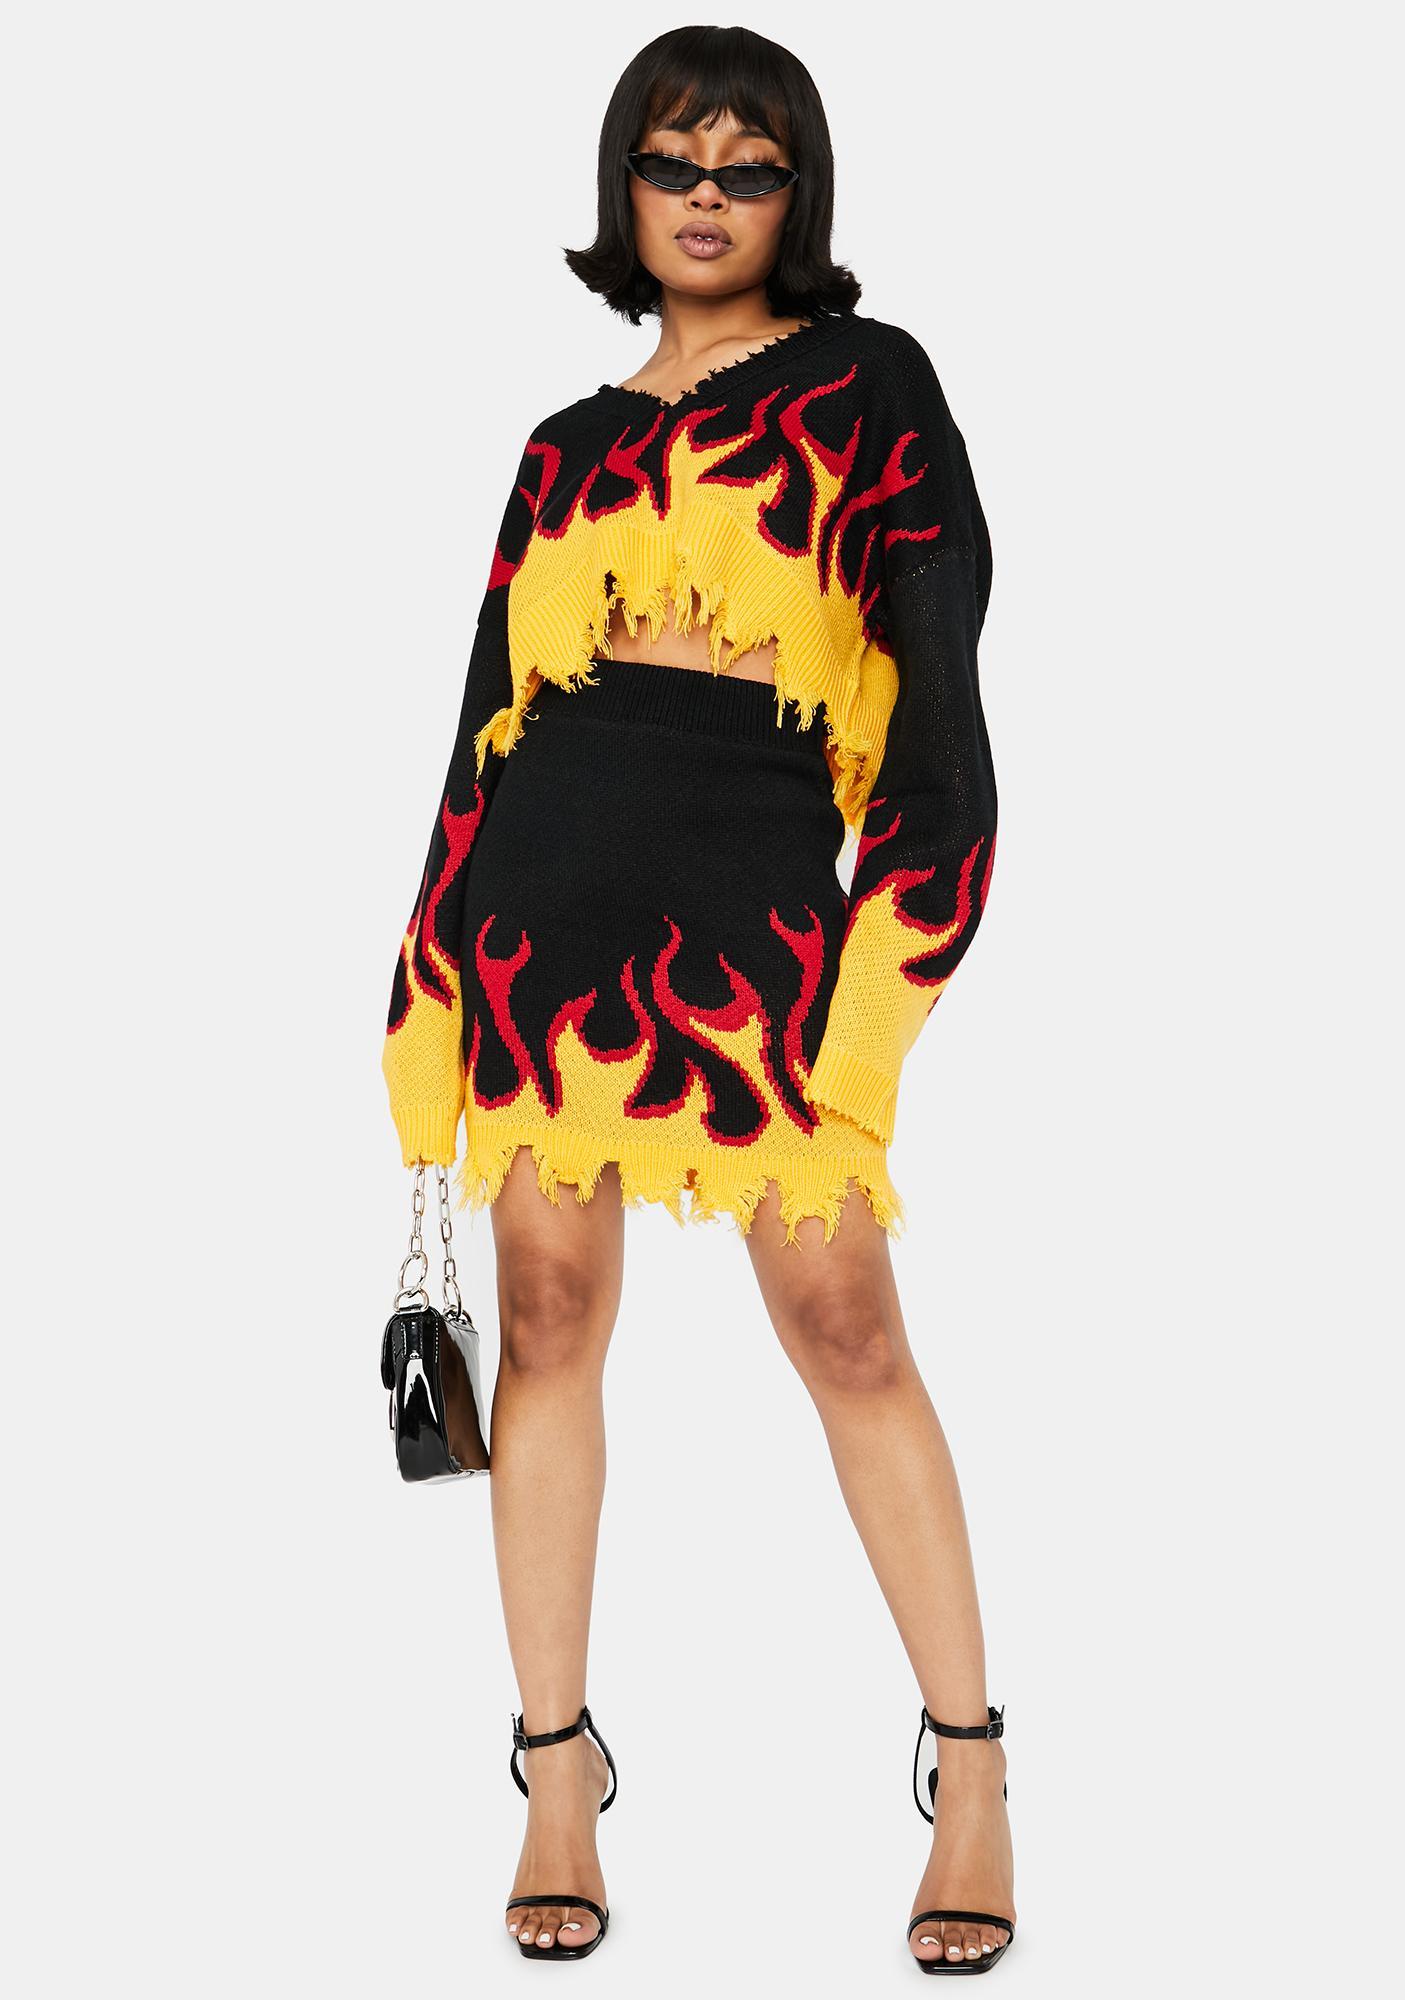 Raise Hell Sweater Skirt Set